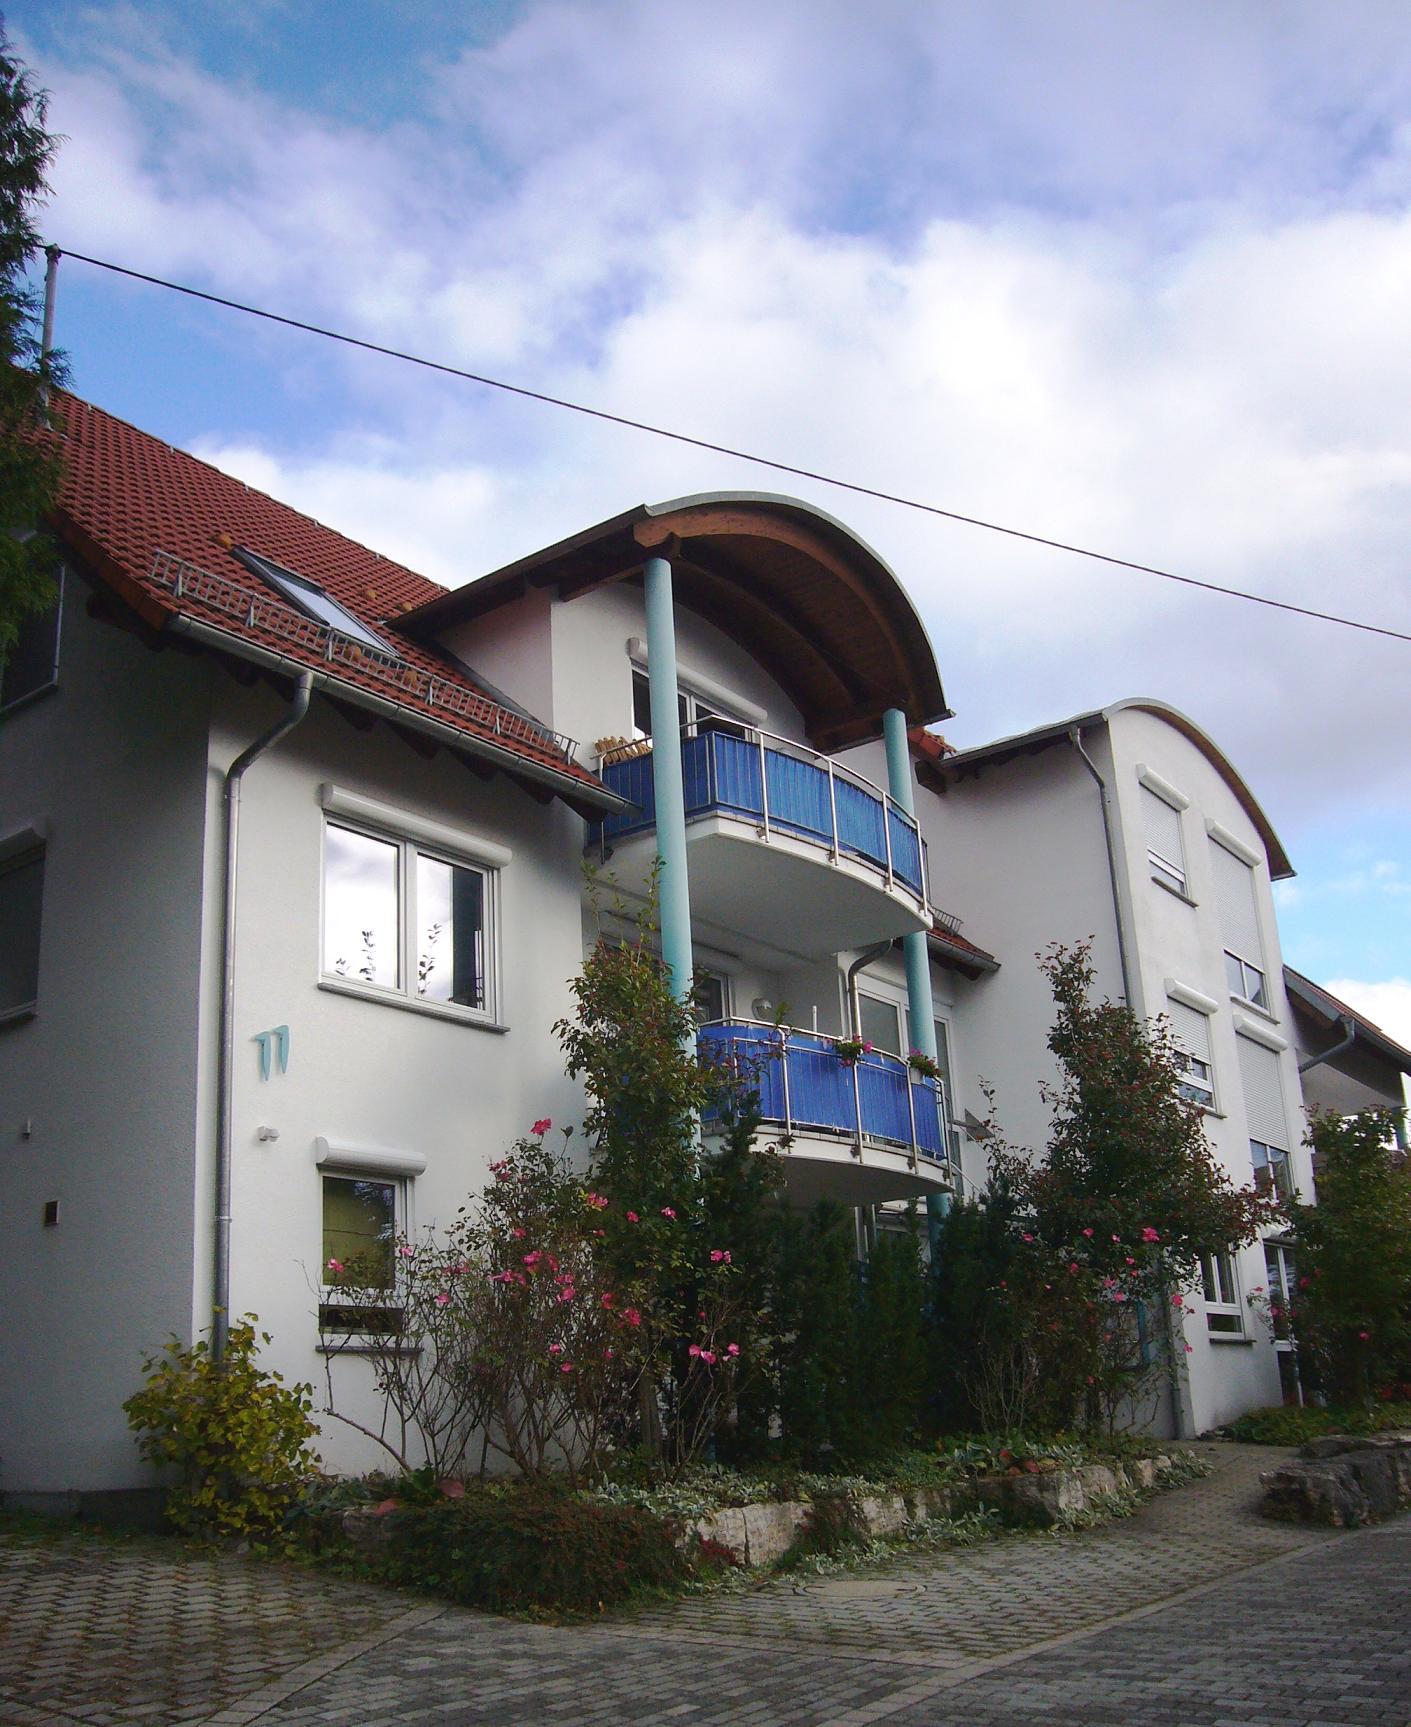 2,5-Zimmer-Wohnung – Karlstraße 11, Kirchentellinsfurt